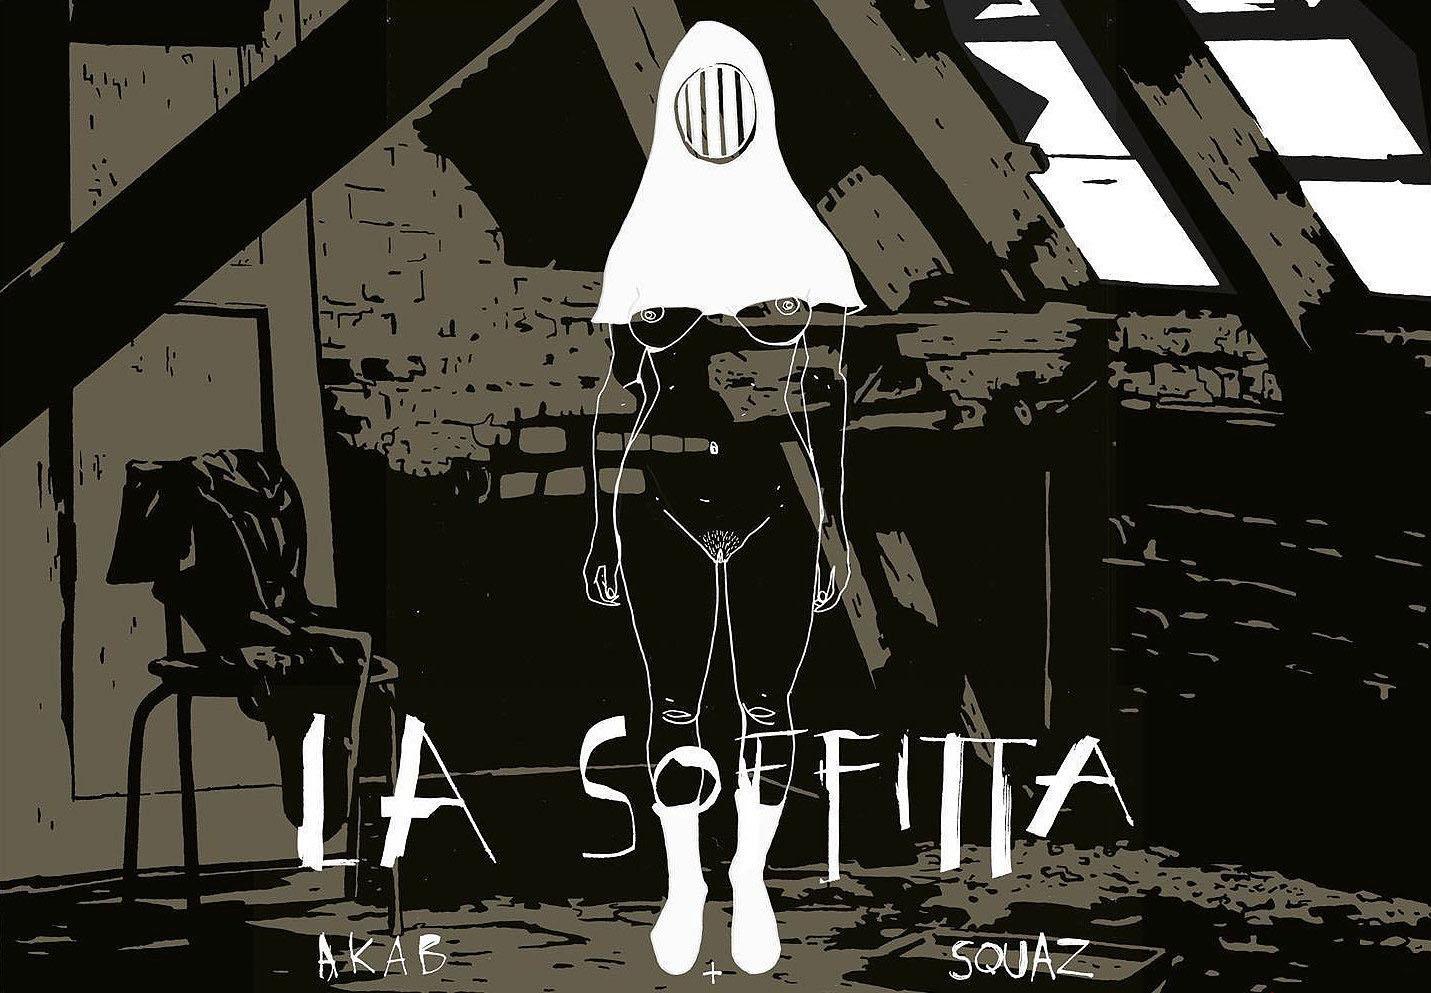 akab-squaz-la-soffitta-serigrafia